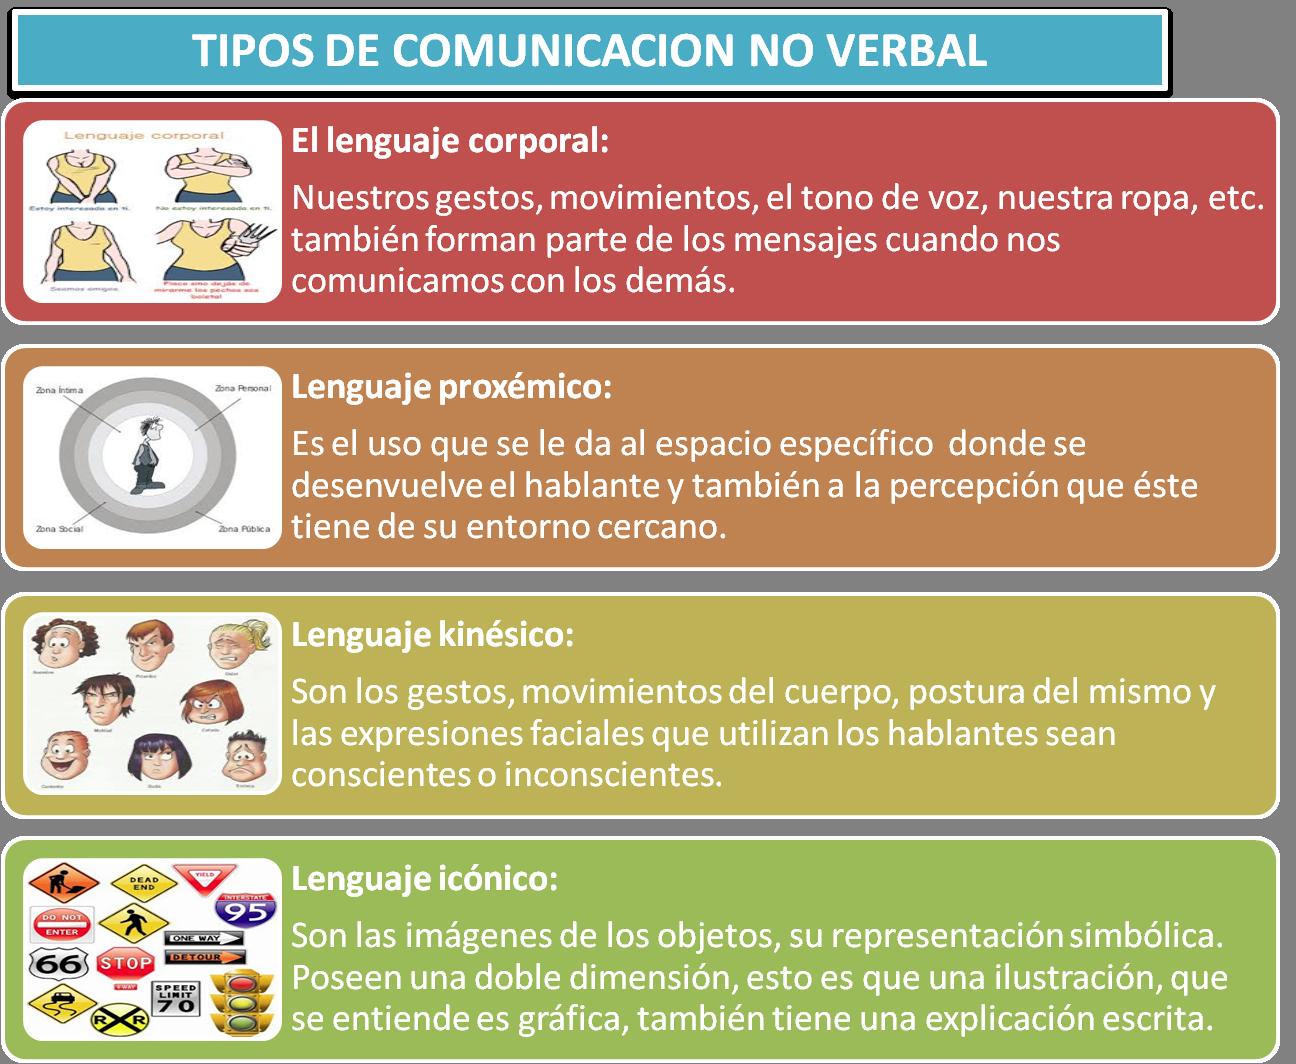 Tipos de comunicacion no verbal   PNL   Pinterest   Comunicacion ...